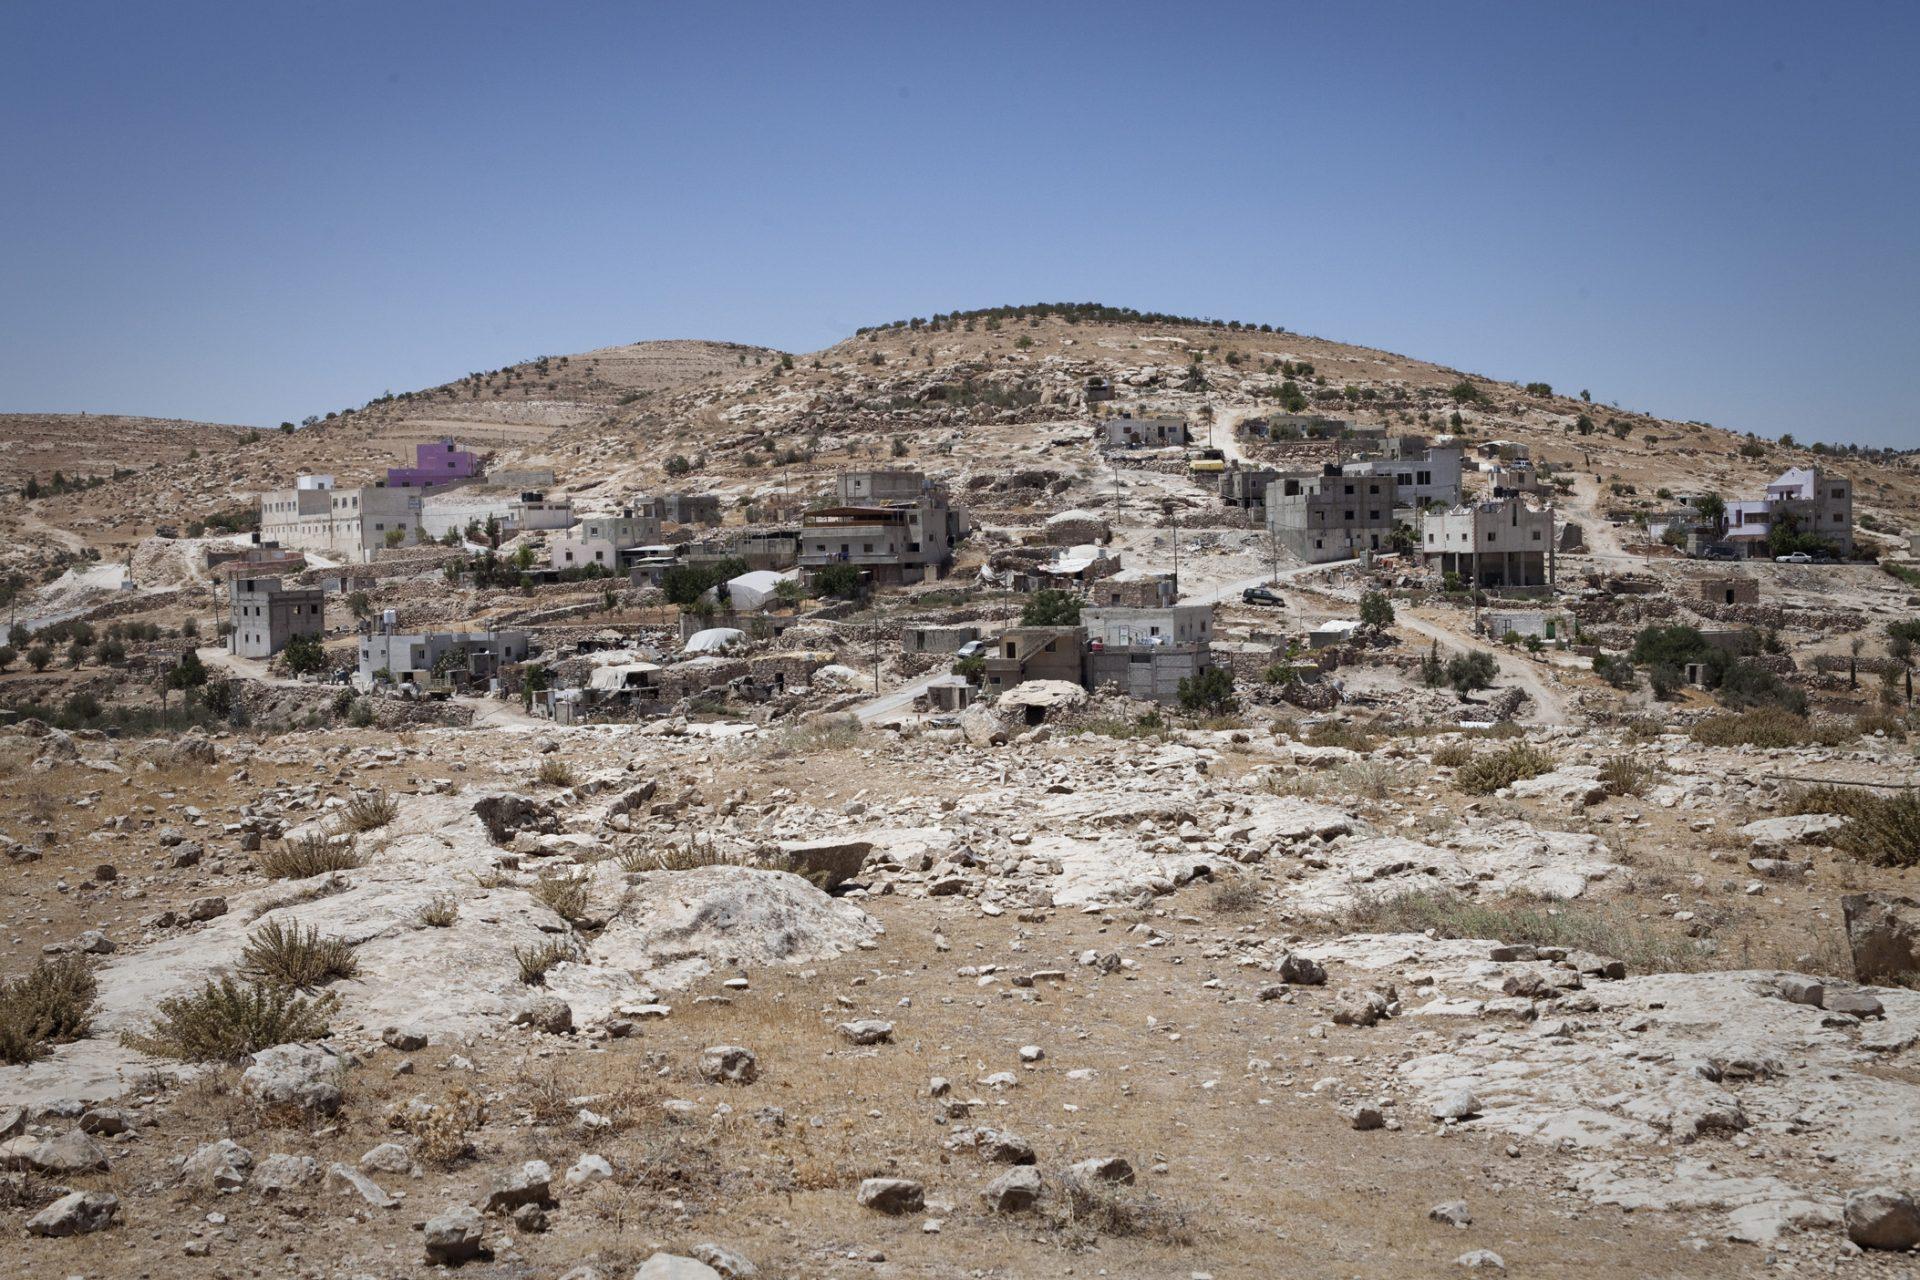 Le village d'At-Tuwani, situé dans les Territoires Palestiniens (zone C, contrôlée par Israël pour la sécurité et l'administration)